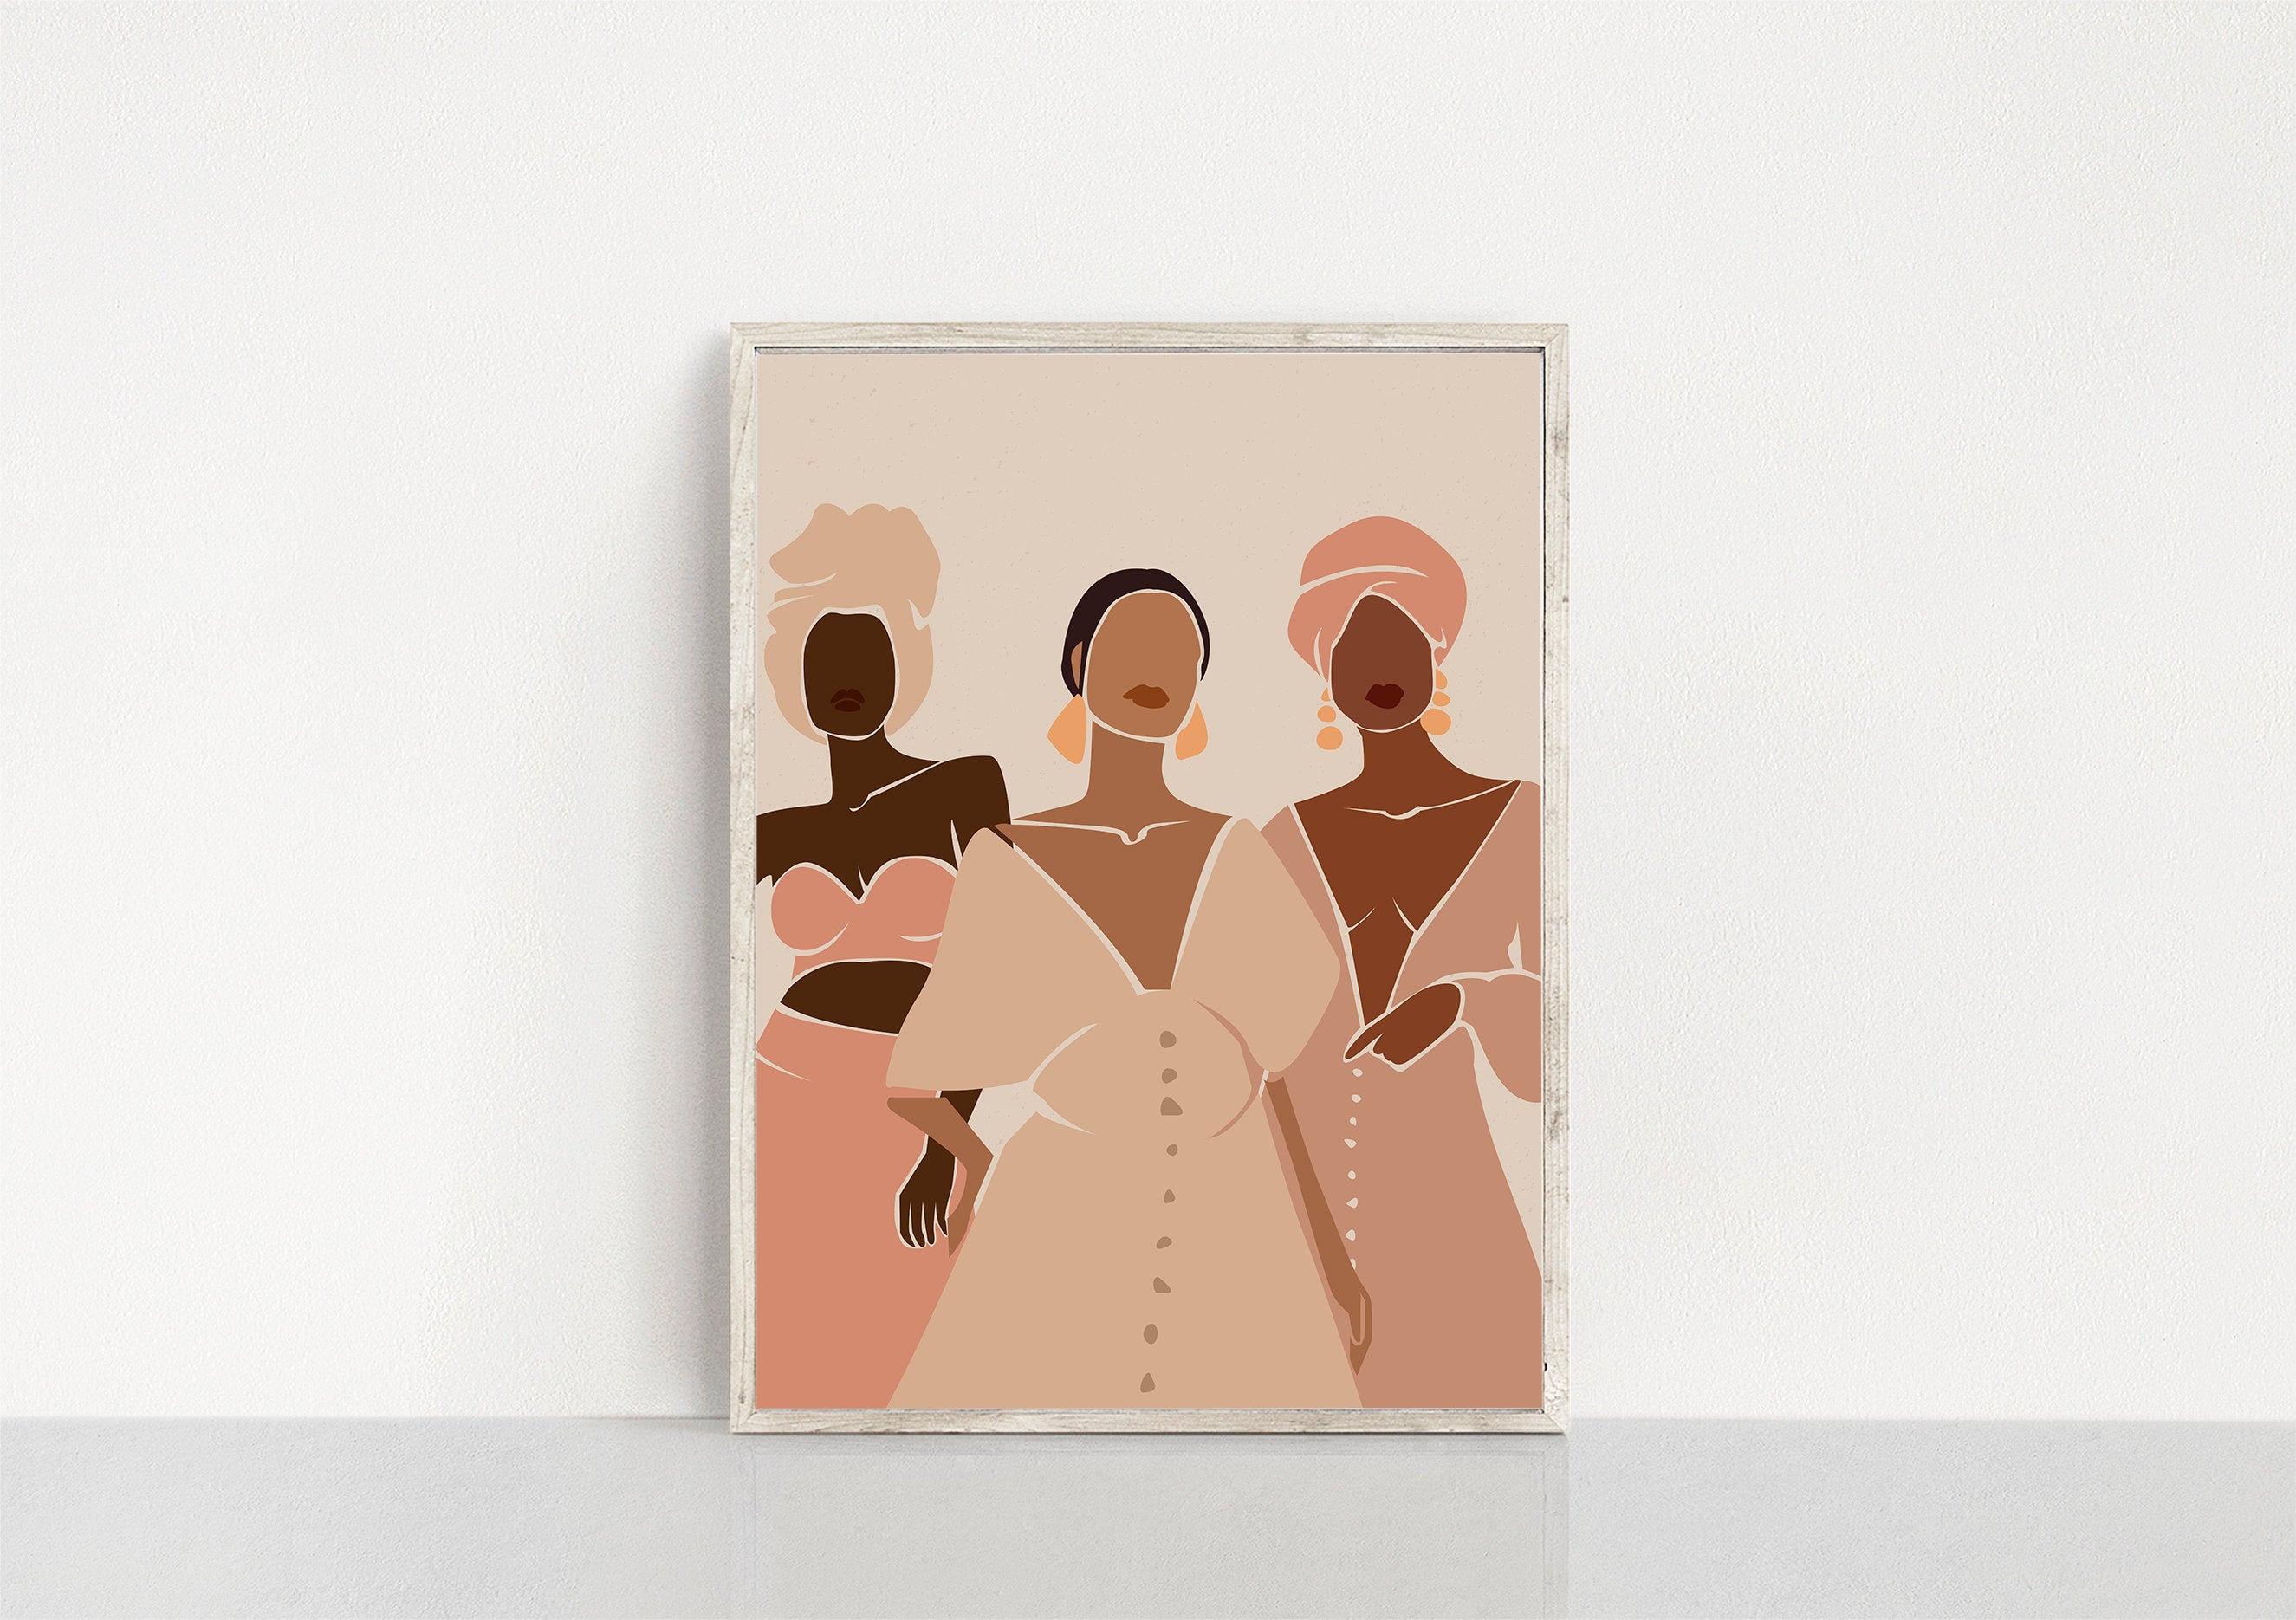 Modern Art African Woman, Wall Decor Digital Art Black Woman Art Women Art Illustration Art Abstract Art,Printable Art Home Decor